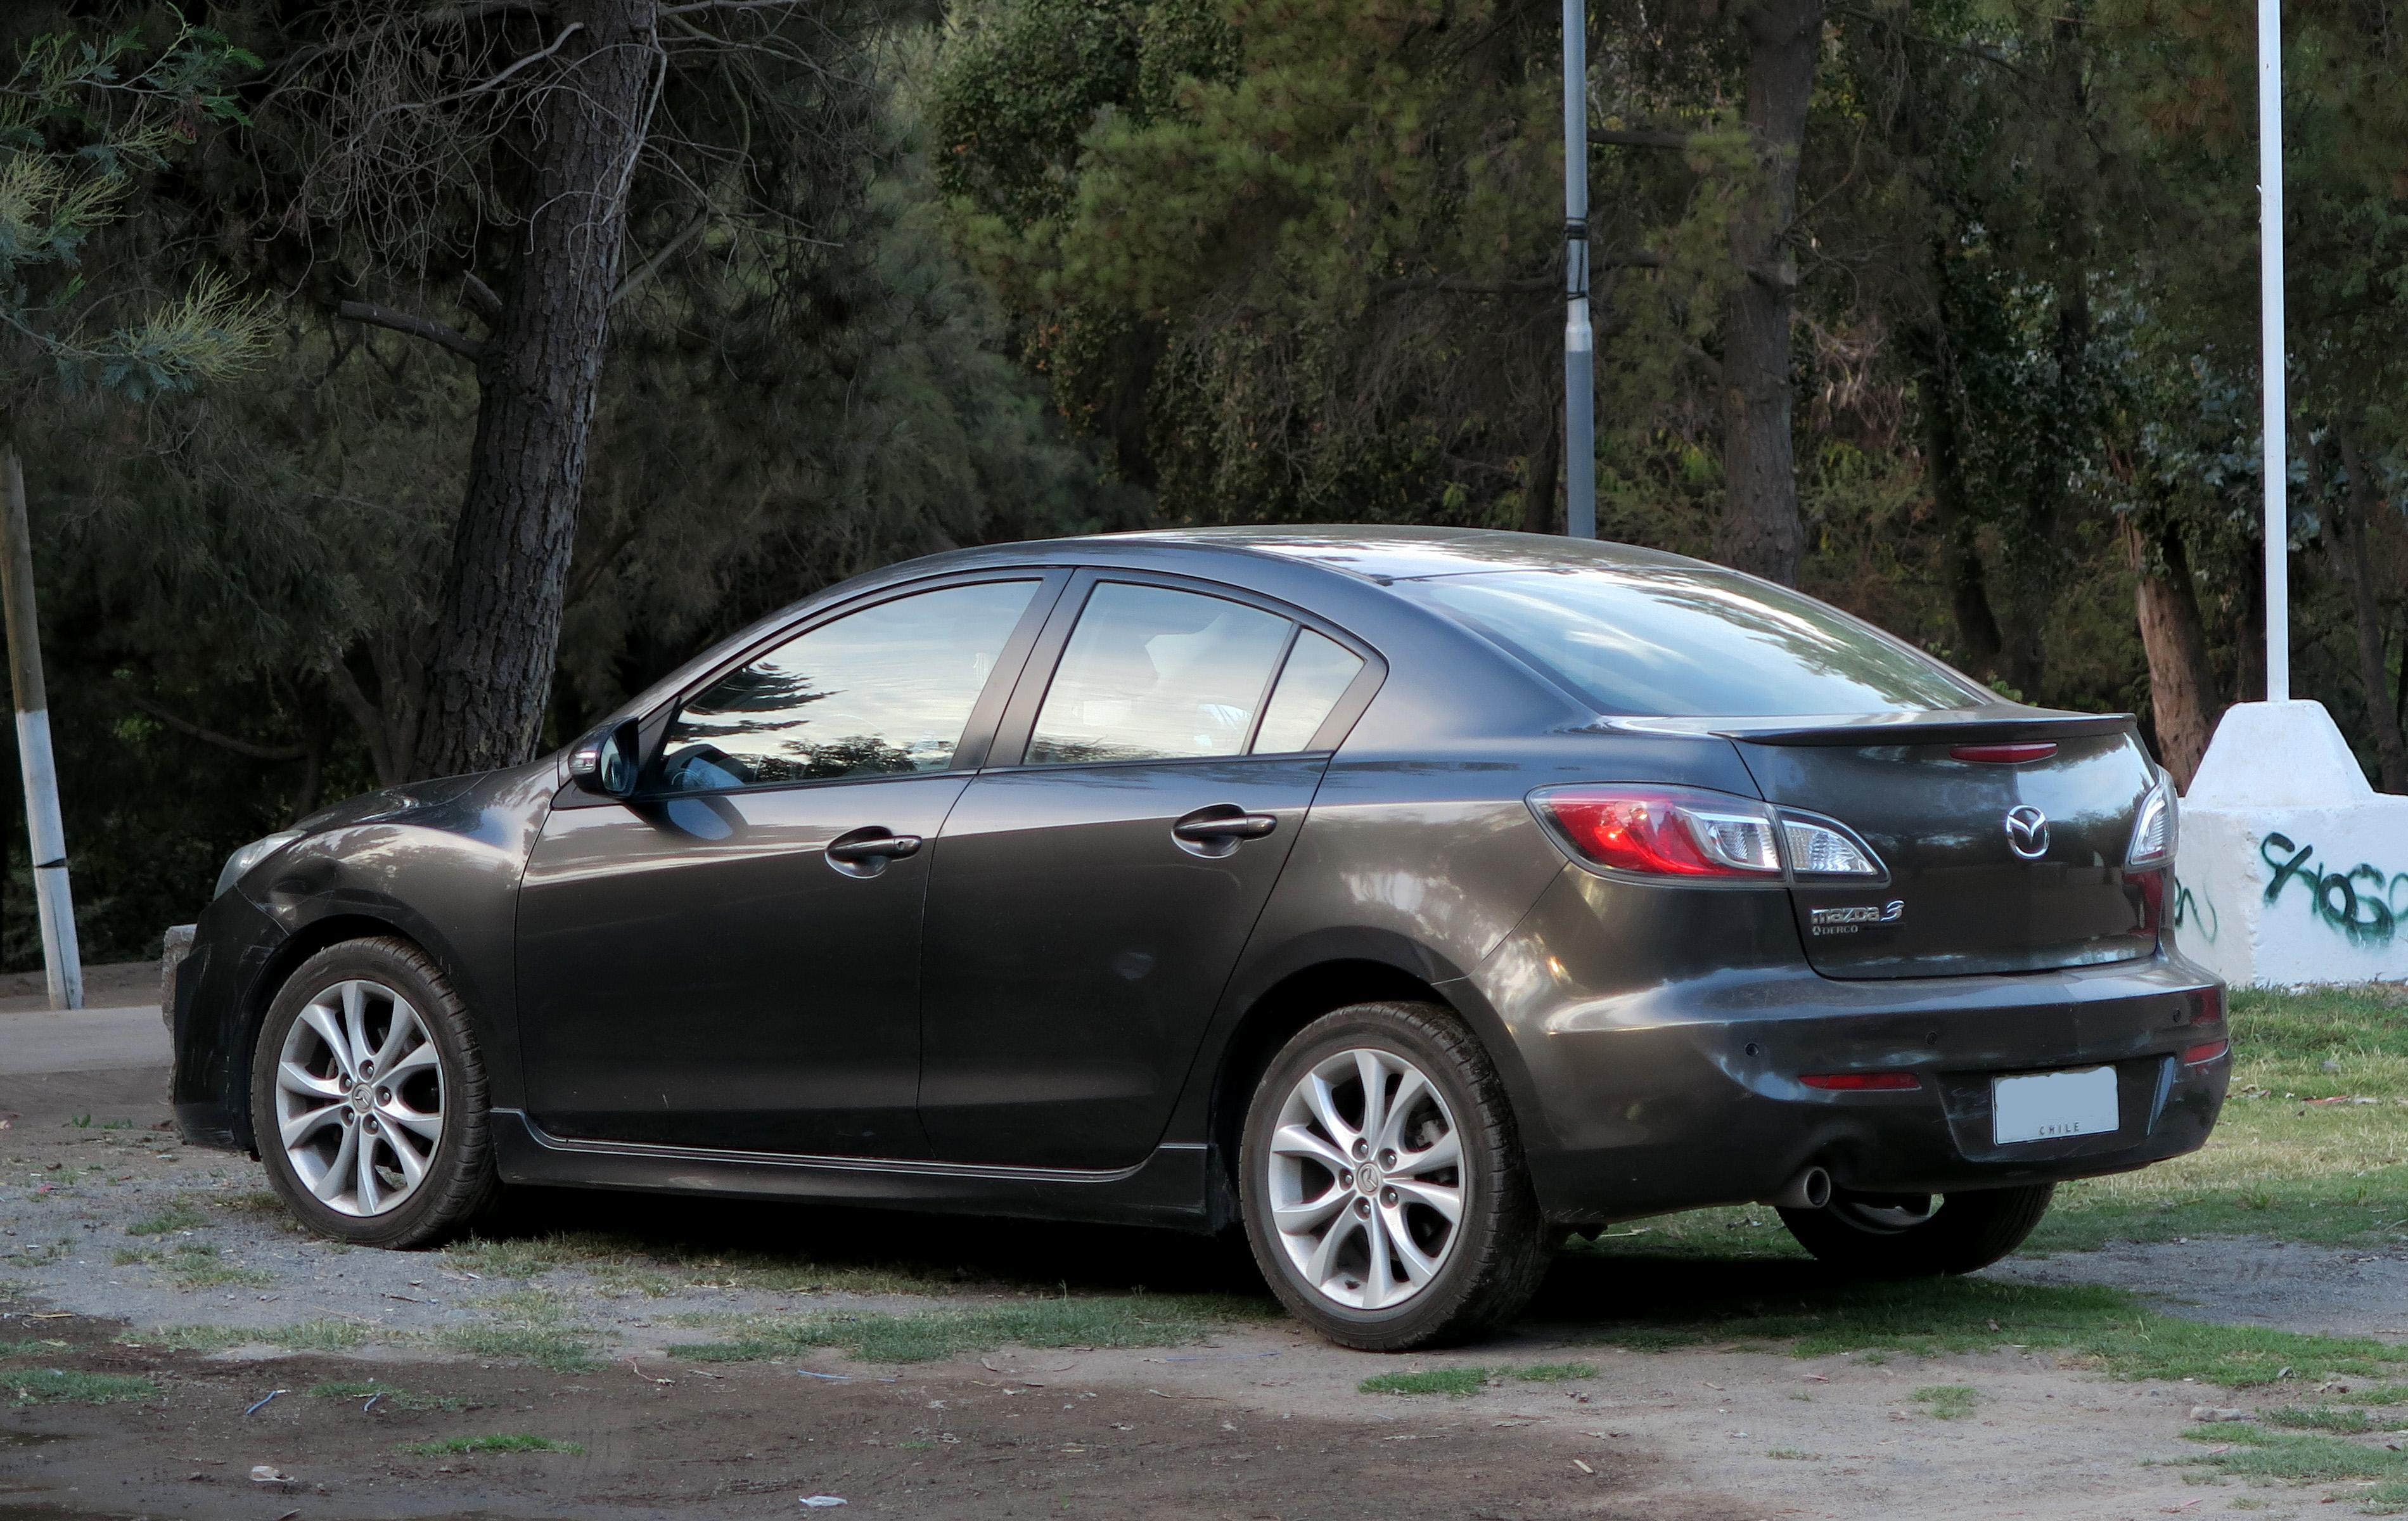 Kelebihan Kekurangan Mazda 3 2009 Spesifikasi